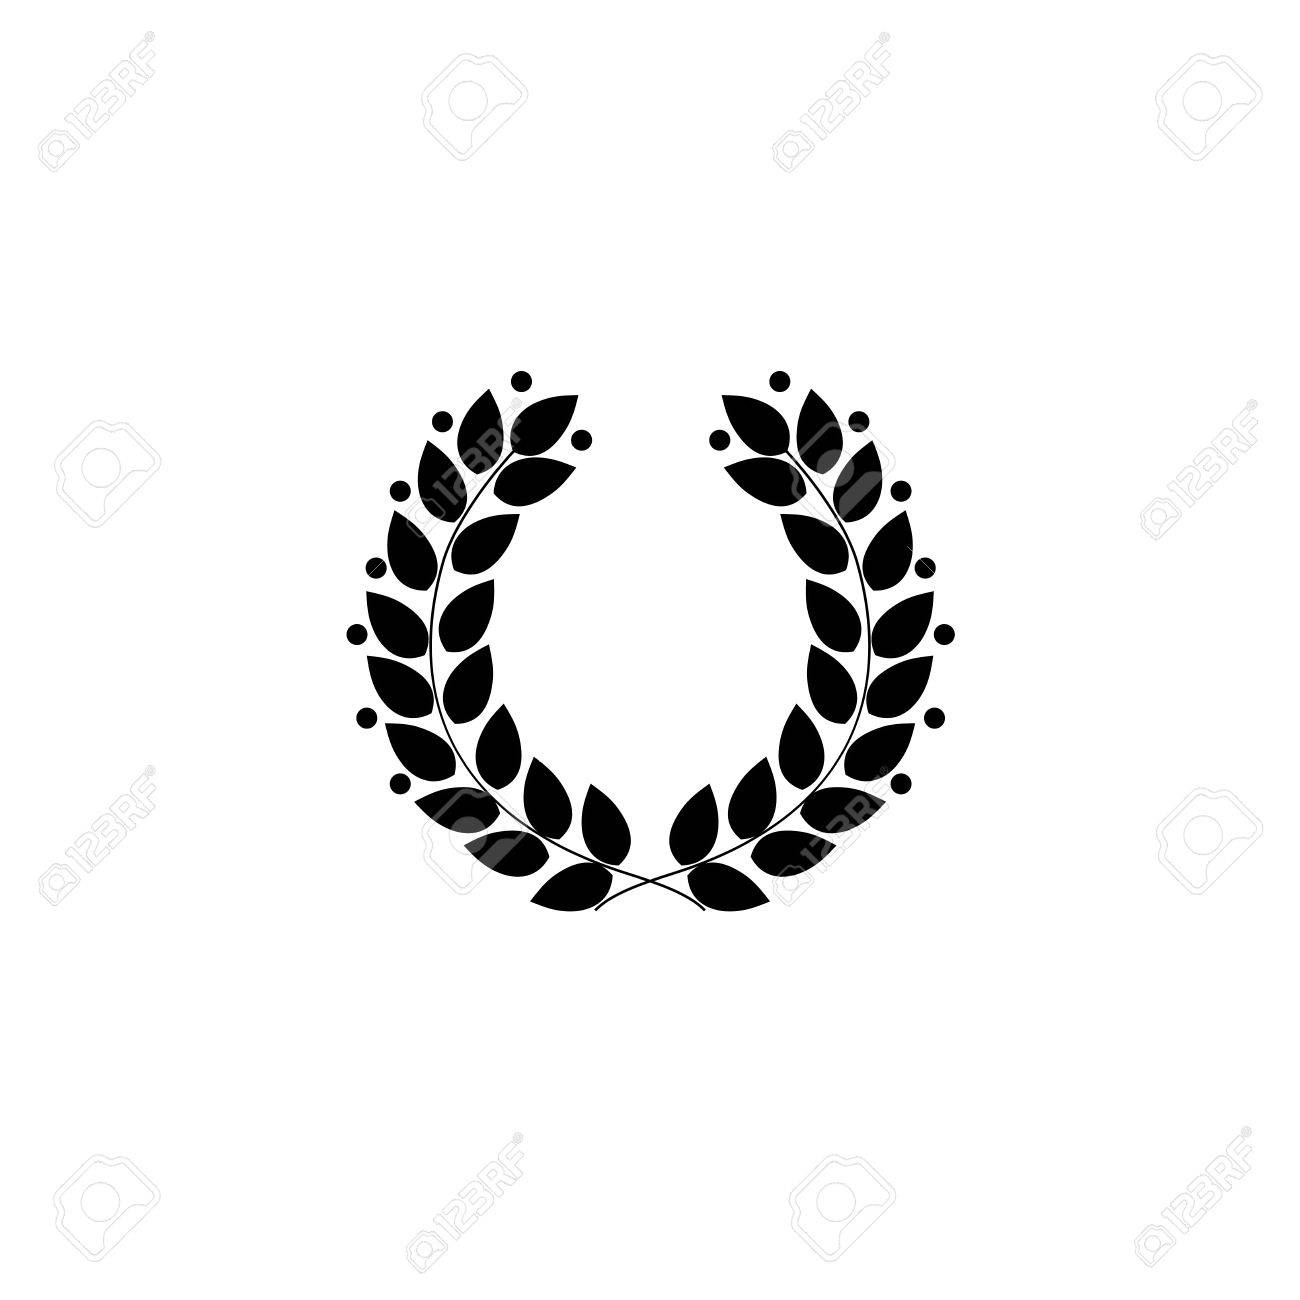 Corona De Laurel Negra. Símbolo Moderno De La Victoria Y El Campeón ...